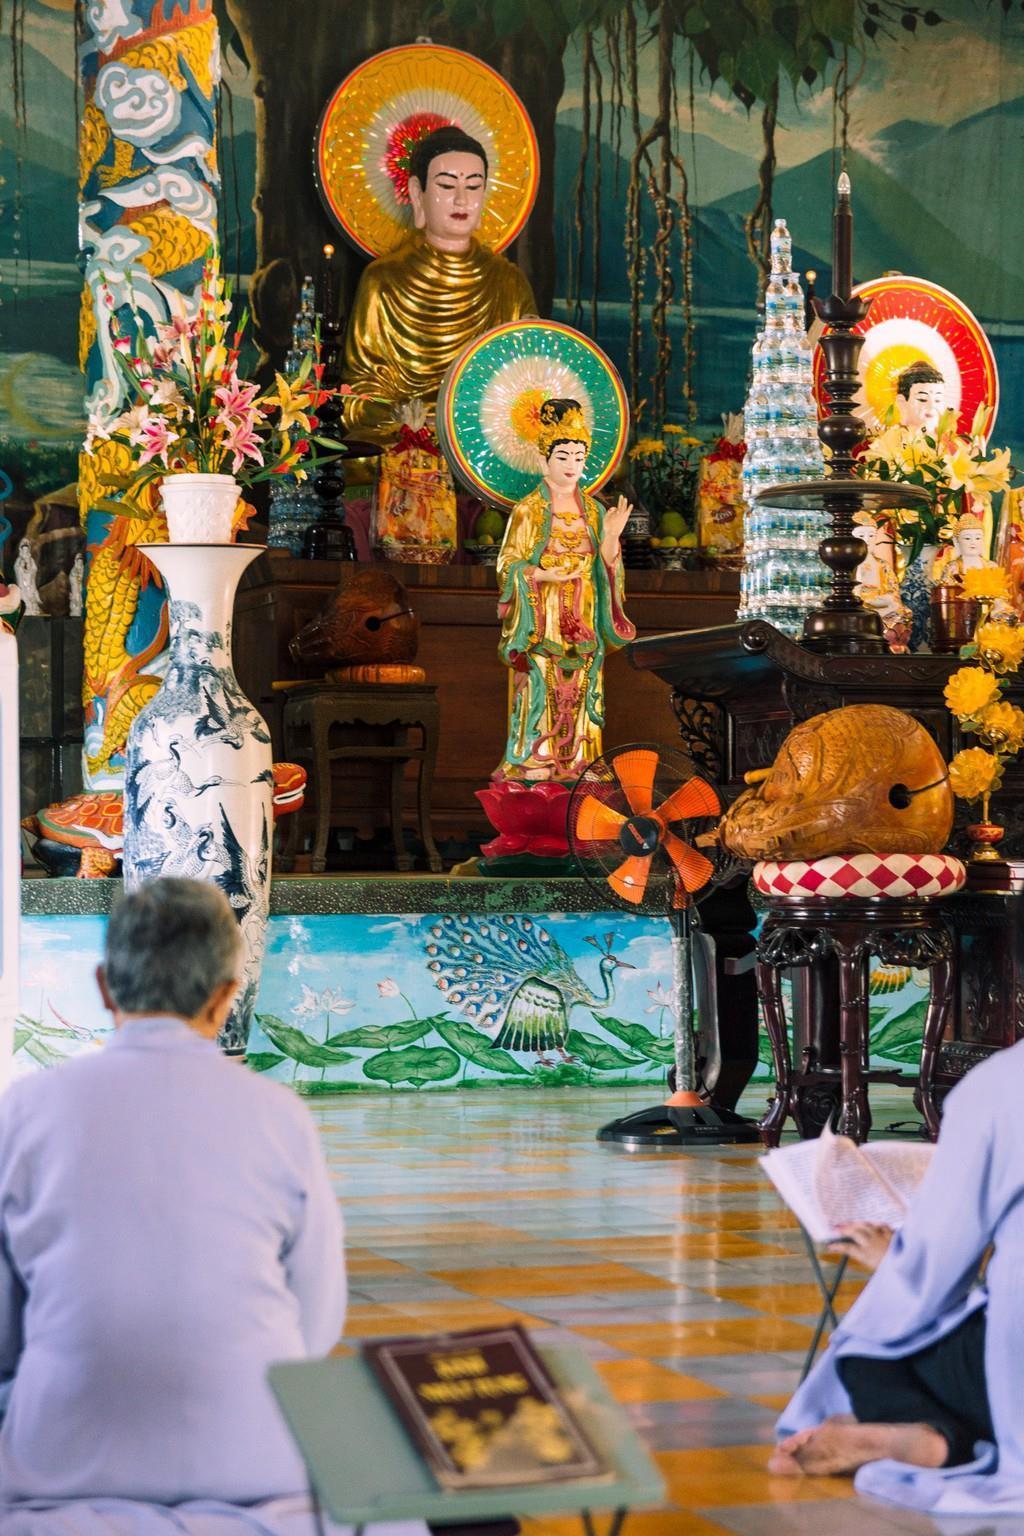 Ngôi chùa vỏ ốc ở Cam Ranh đẹp khác lạ trên báo nước ngoài Ảnh 12